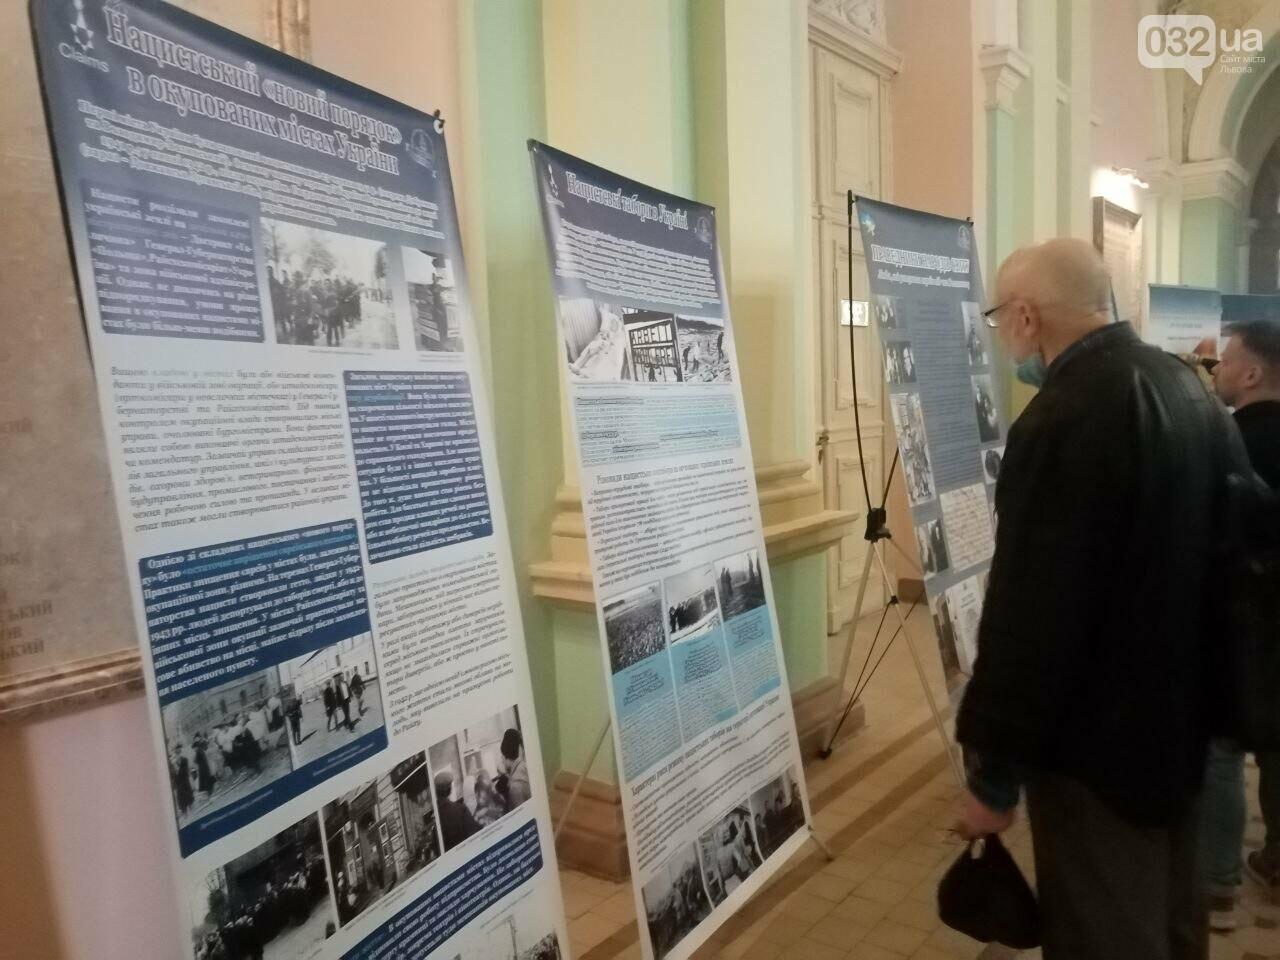 У Львові відкрили виставку, присвячену українцям-рятівникам євреїв під час Голокосту, - ФОТО, фото-1